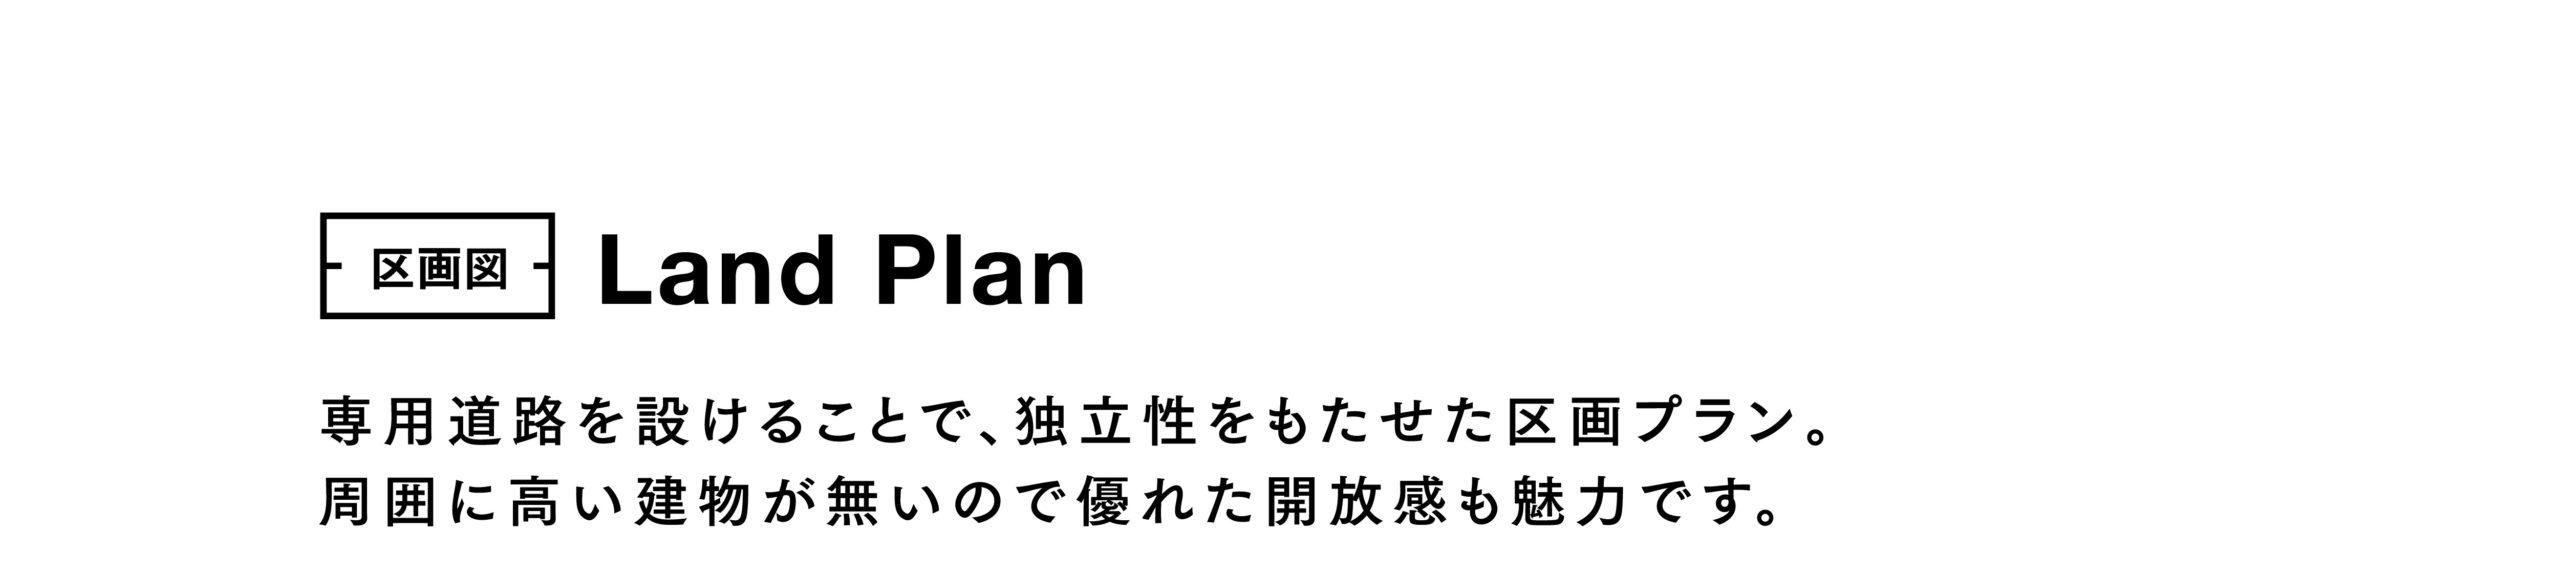 「区画図 Land Plan」福岡市早良区重留に誕生。福岡県福岡市早良区にある新築一戸建て・土地・宅地「フィットコート重留 (建築条件付宅地分譲)」のご紹介。